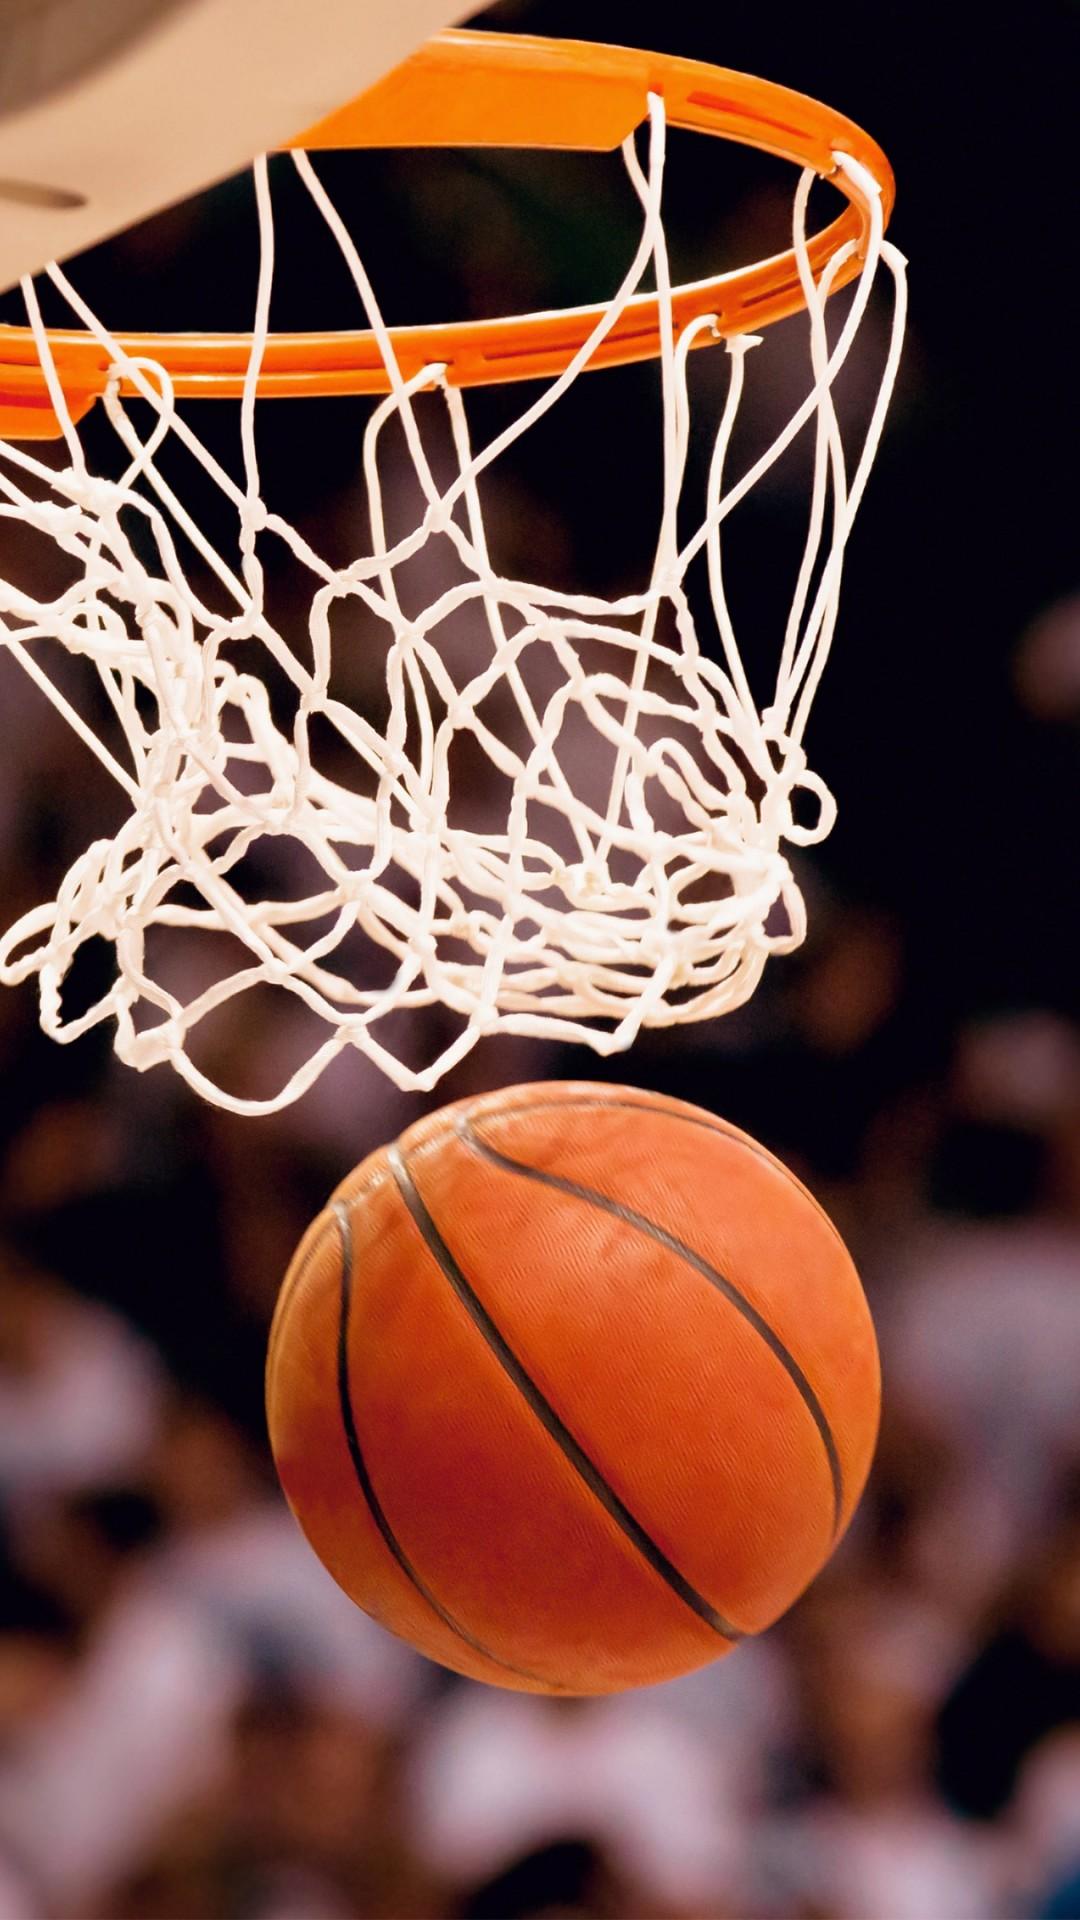 basketball, #10316 Wallpaper NBA, Sport